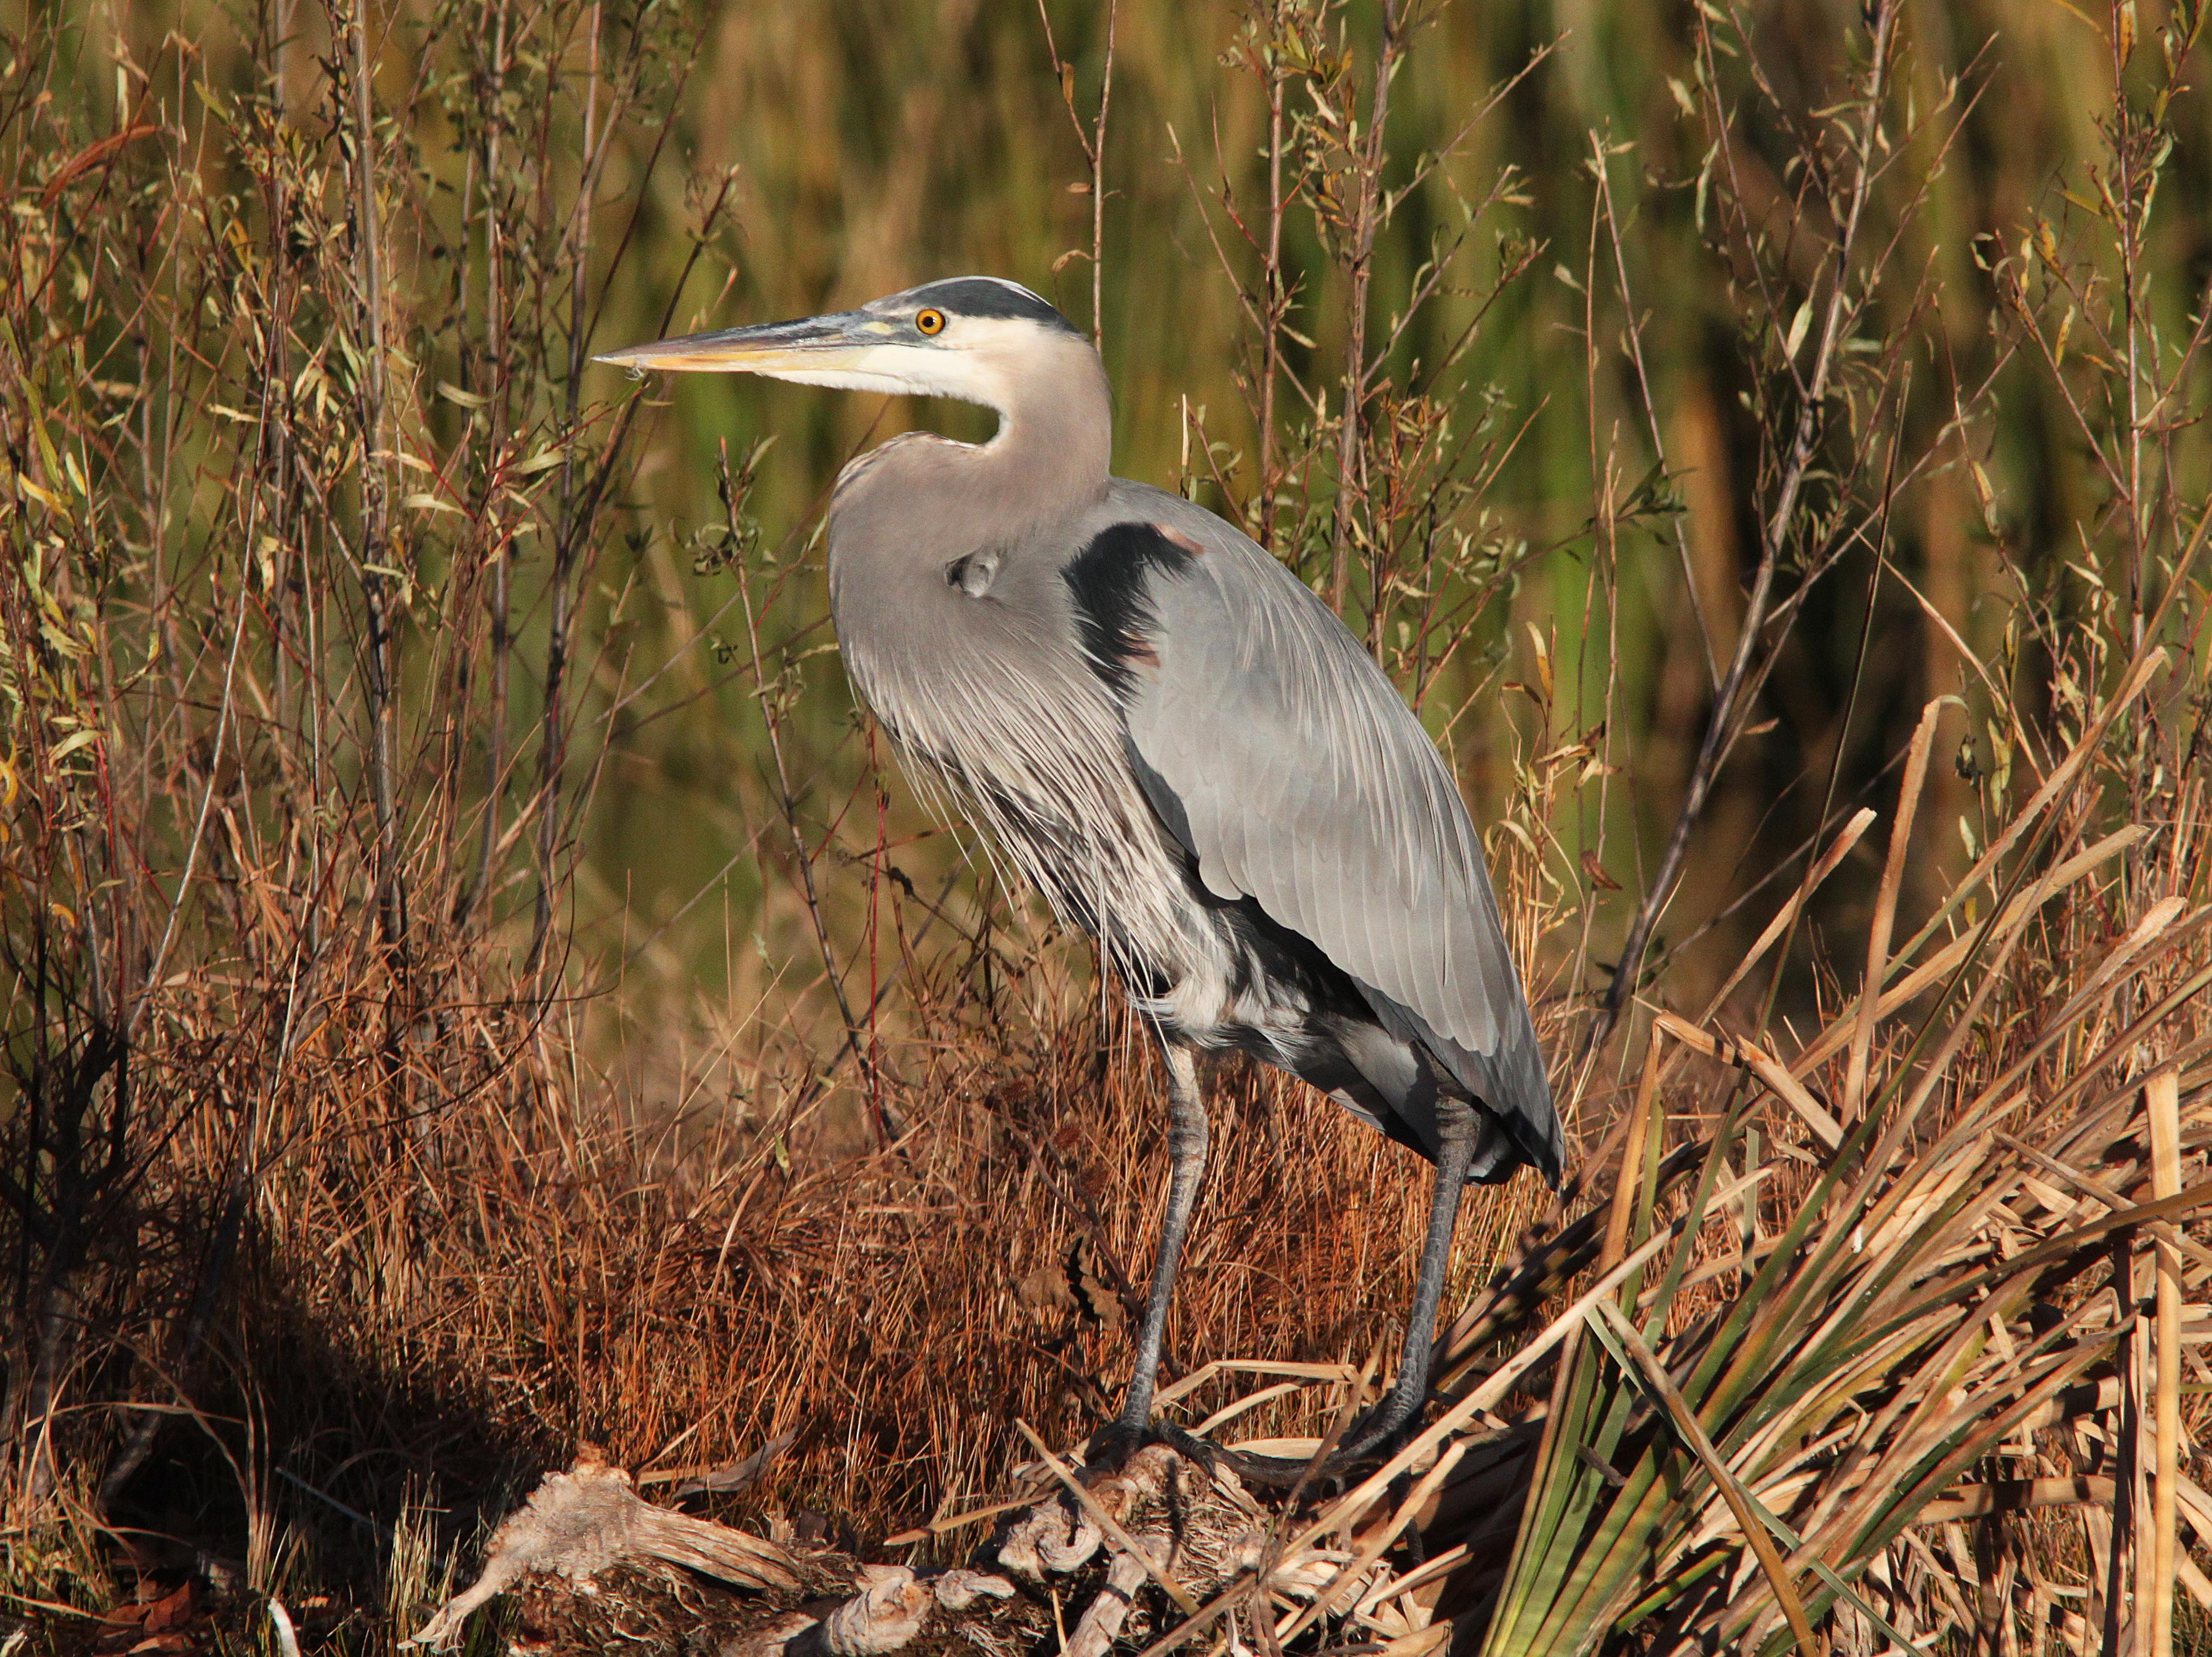 Heron, great blue (12-6-01) patagonia lake, scc, az -03 photo